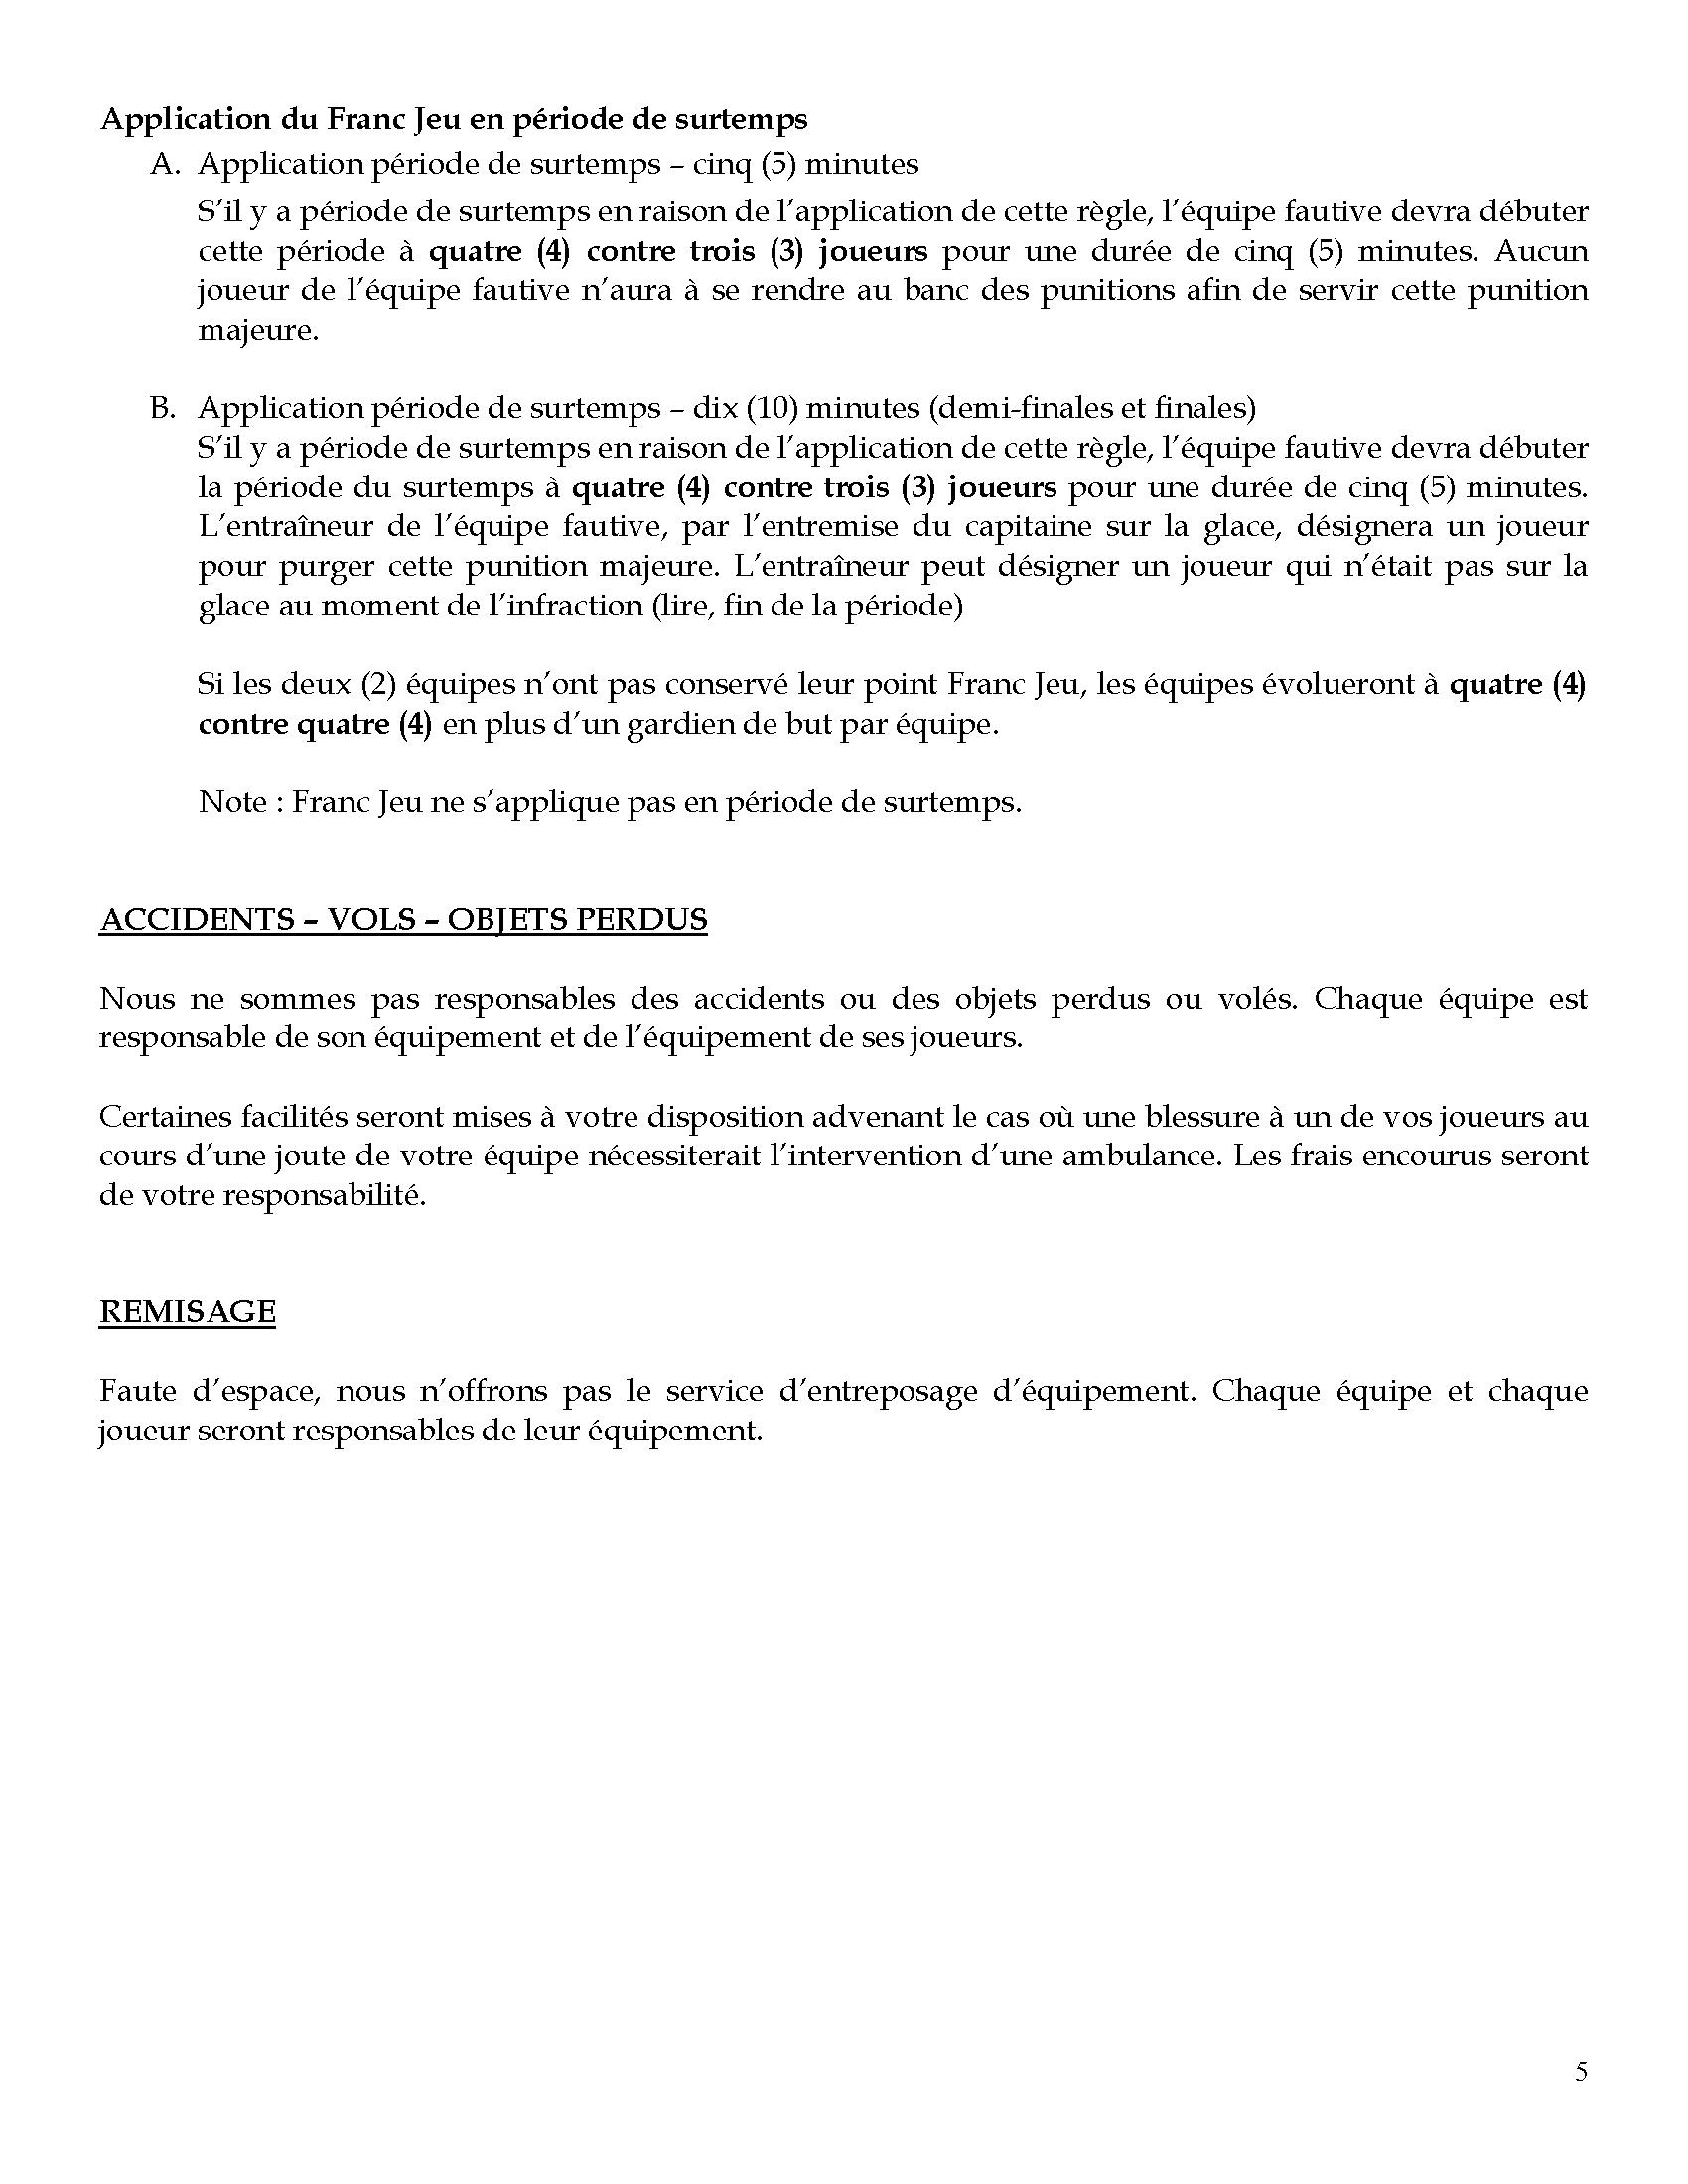 Reglements_Richelieu_2020_Page_5.png